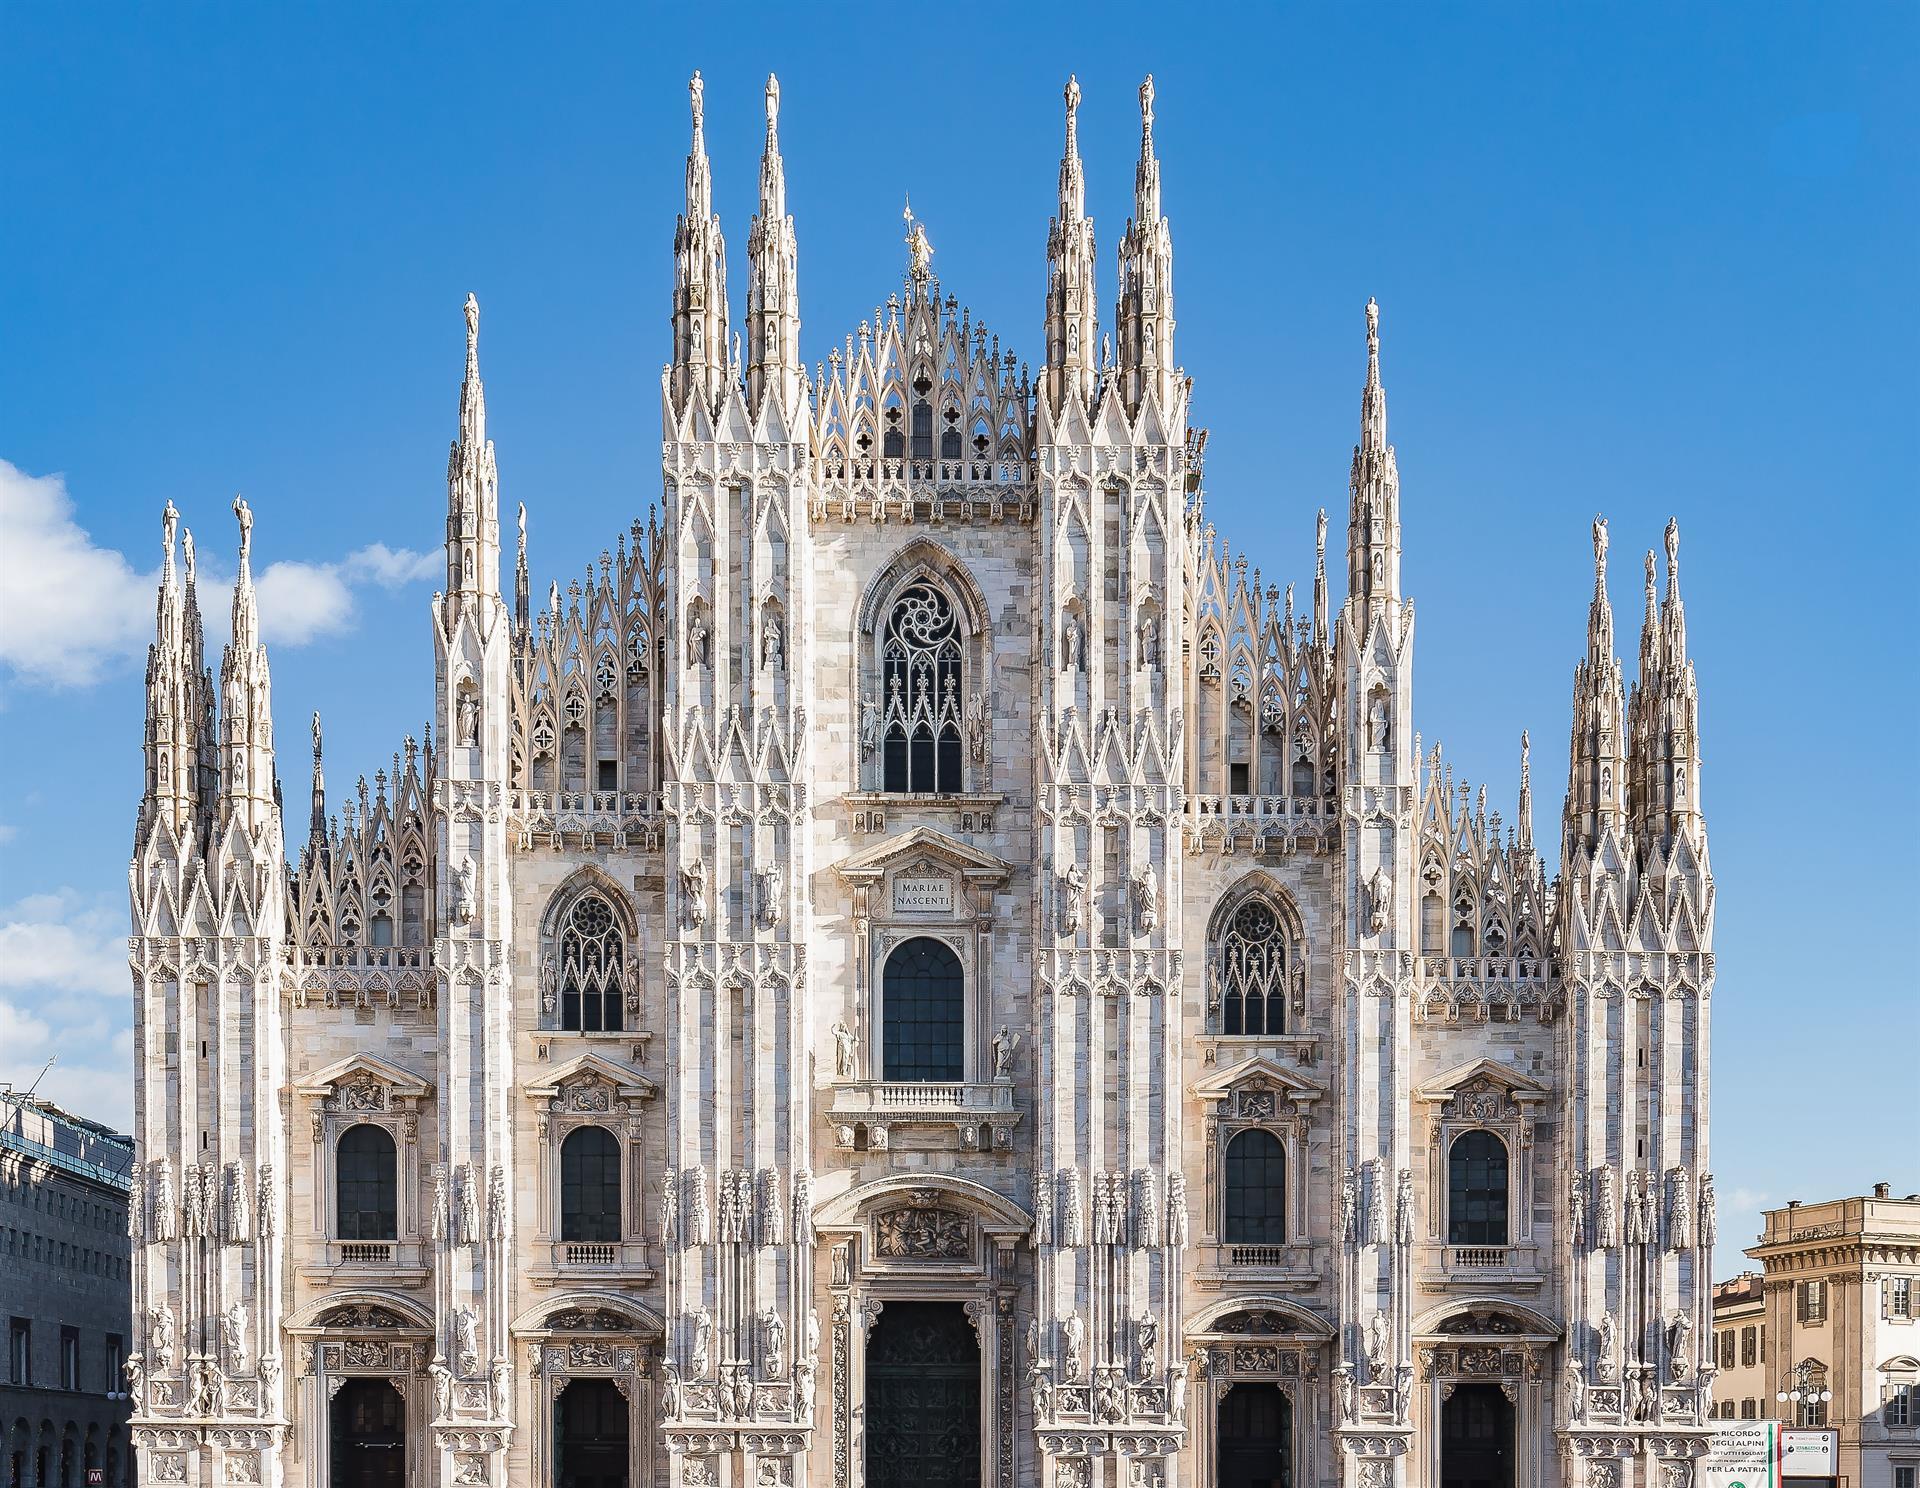 FS 2018 Dec7 Duomo Extfacade 04